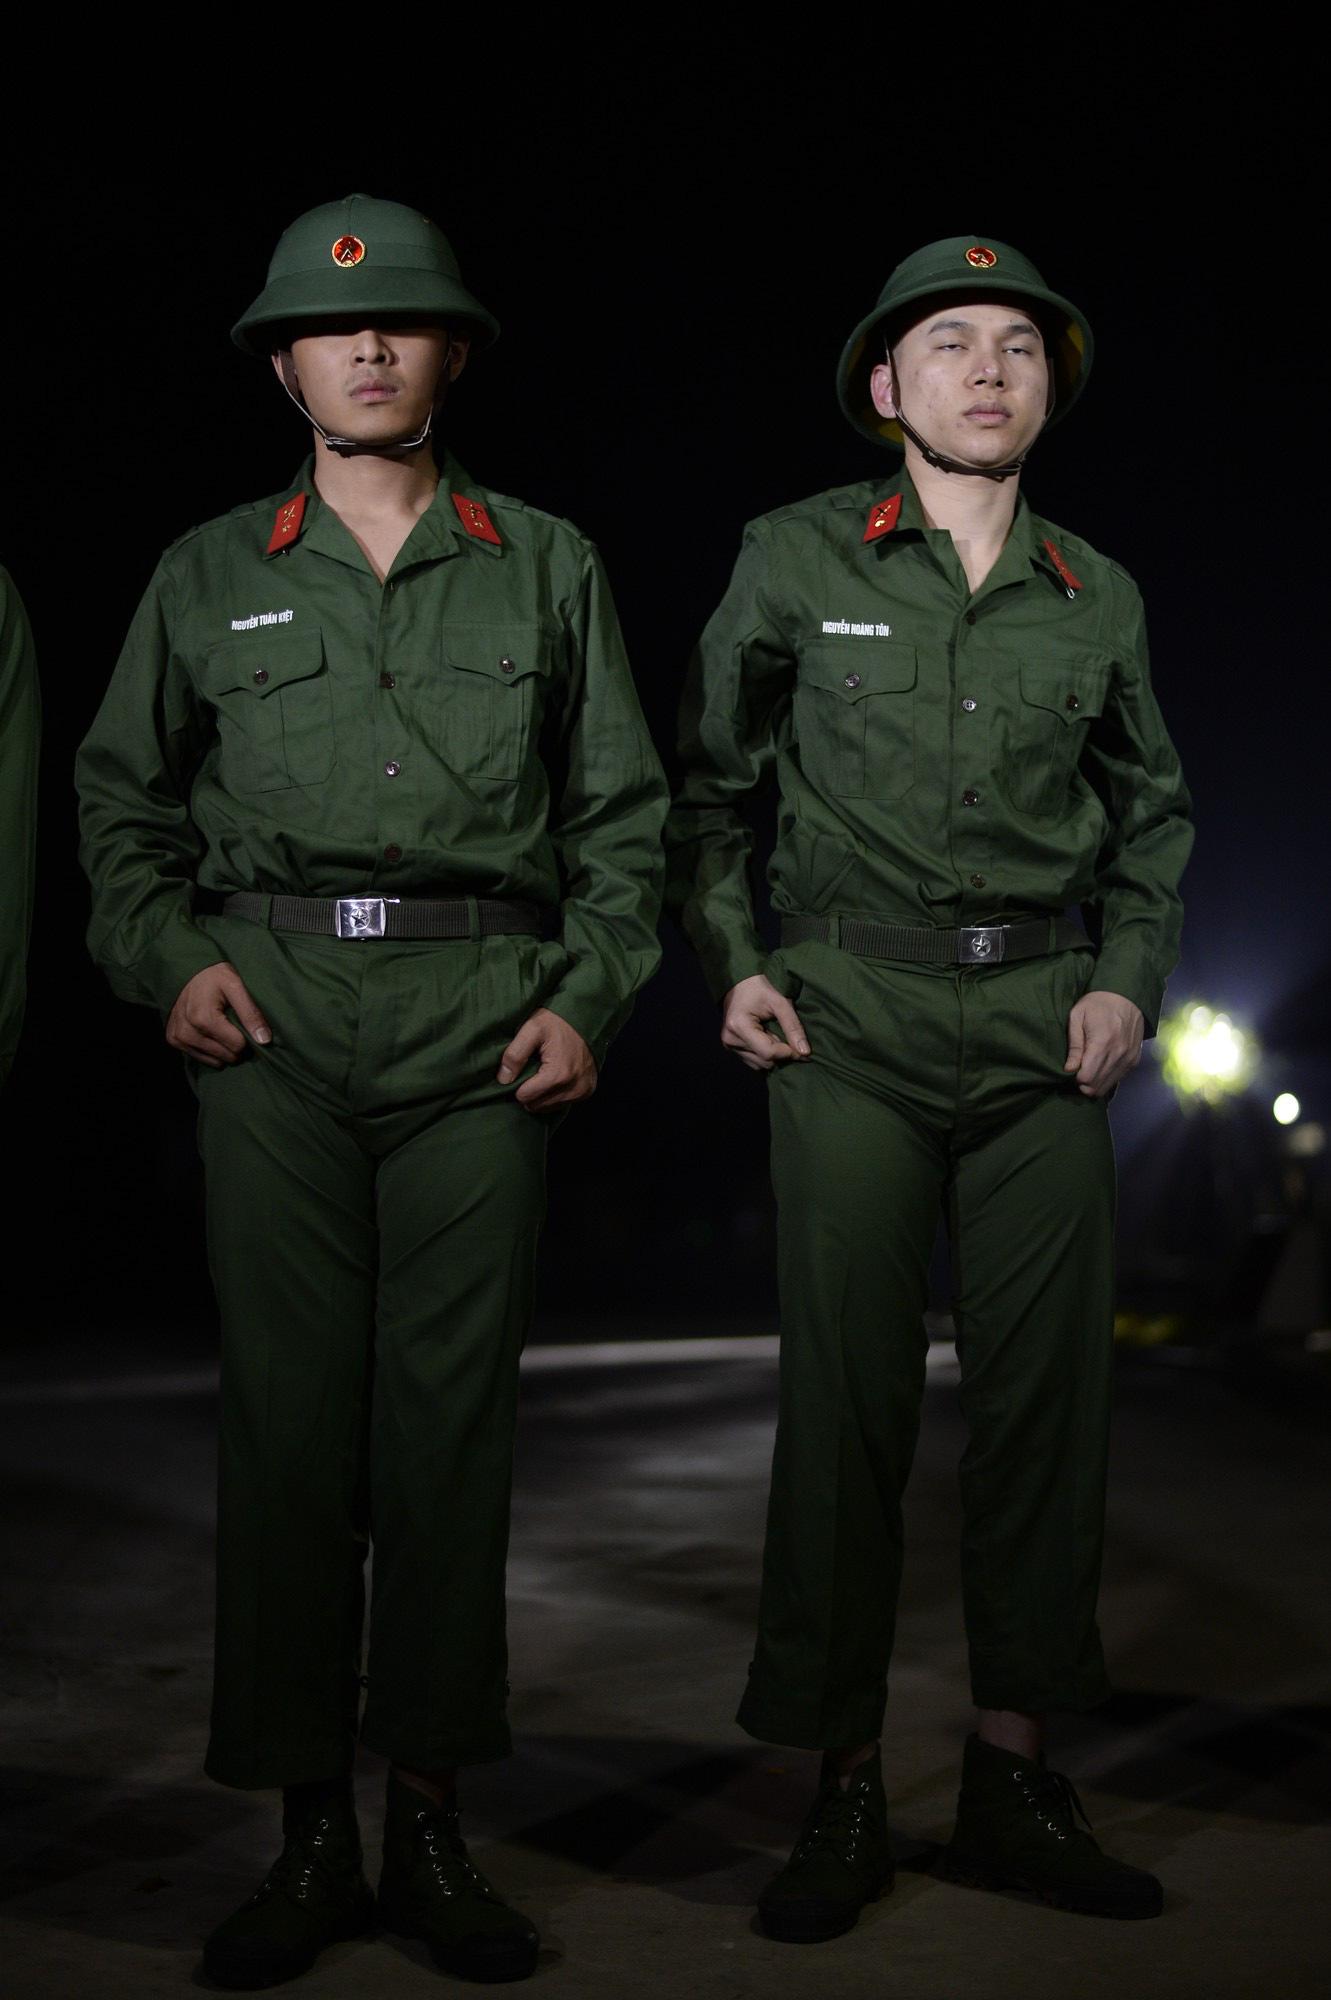 Sao nhập ngũ: Gin Tuấn Kiệt, Hoàng Tôn khiến đồng đội mất ngủ chỉ vì quên mang... vớ - Ảnh 7.